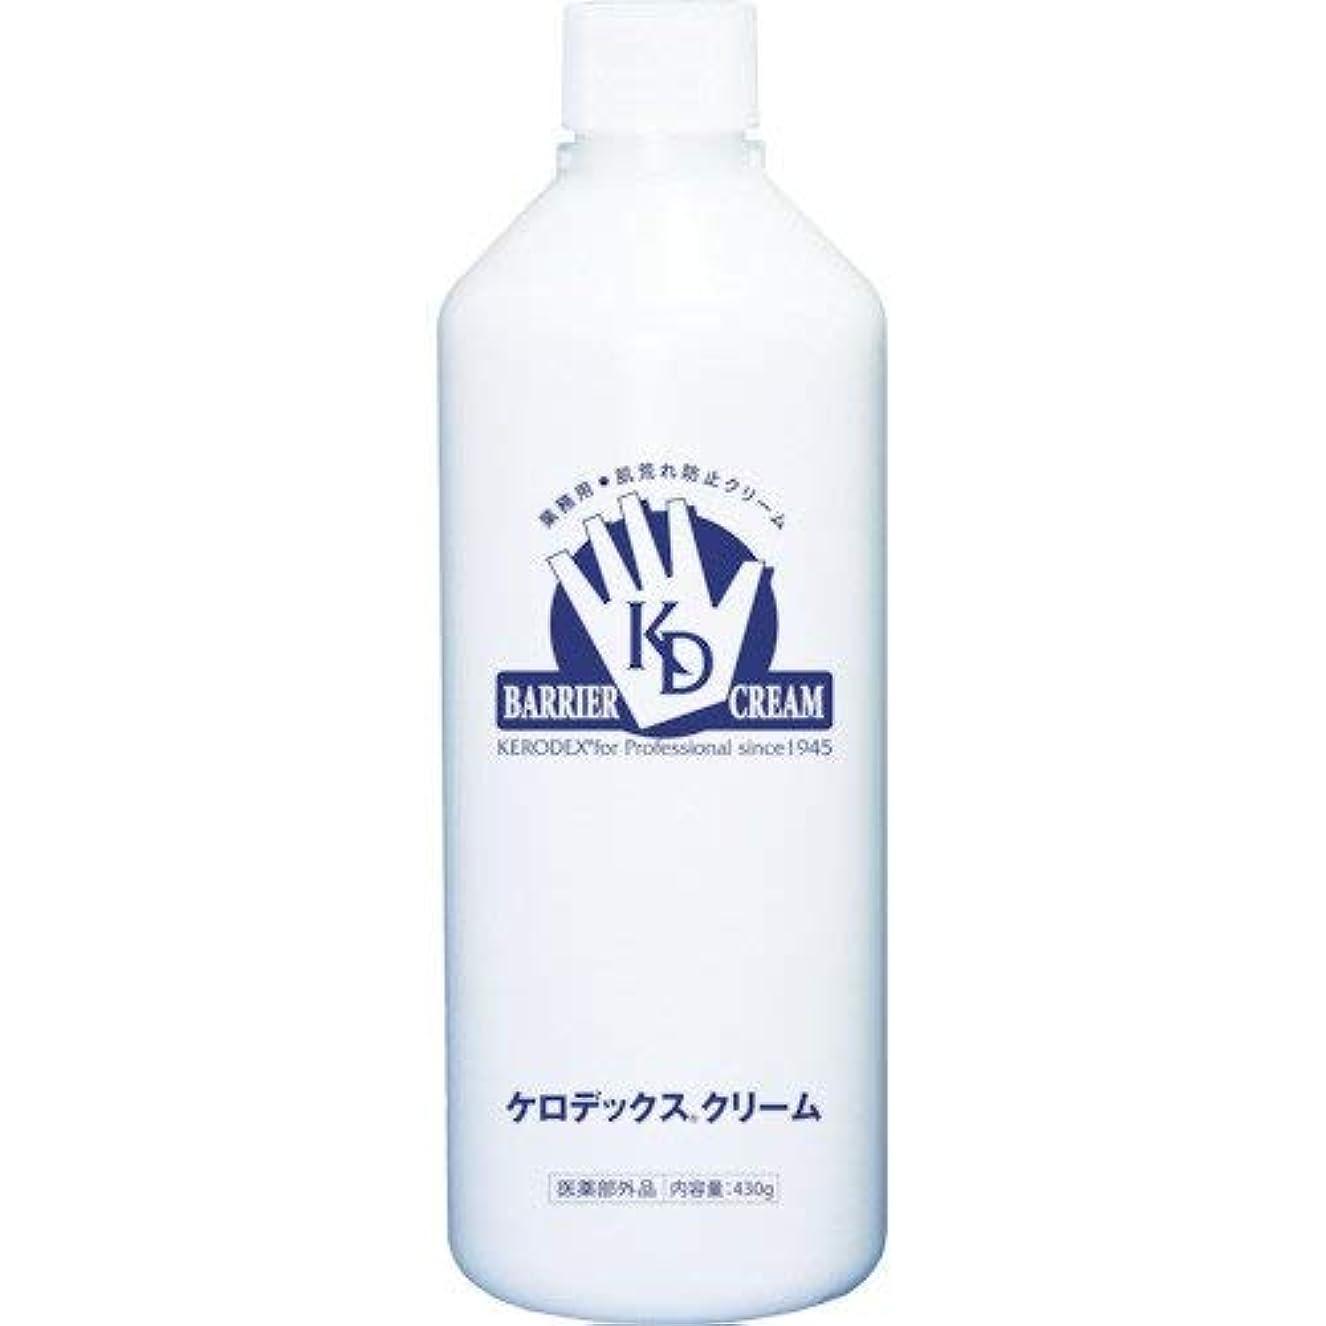 回答ギャザーすべて【2個セット】ケロデックスクリーム ボトルタイプ 詰替用 430g